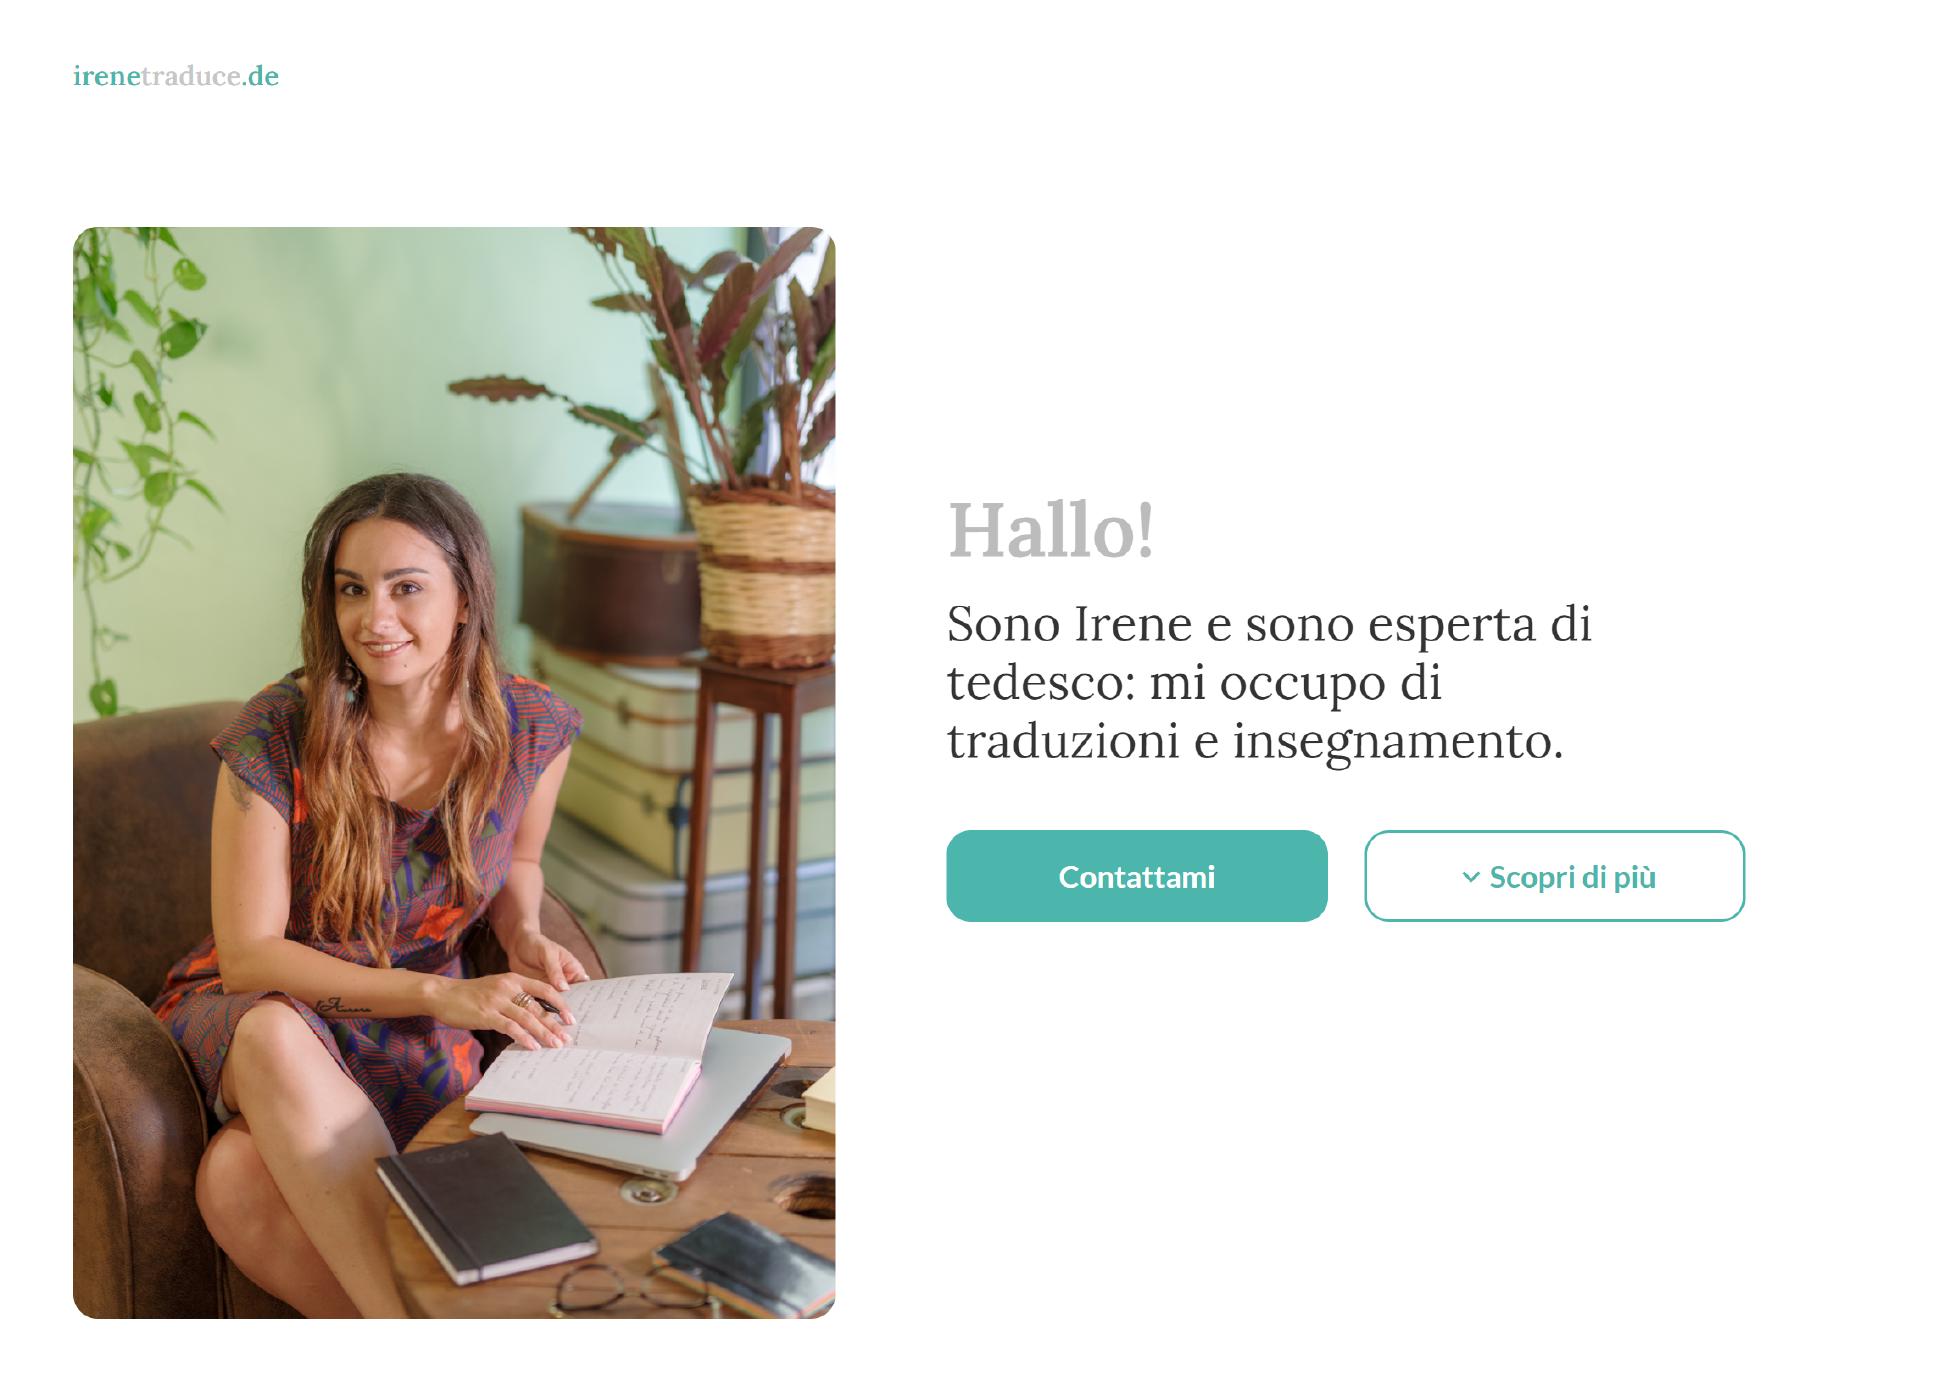 All'arrivo all'interno del sito, appare una fotografia di Irene Menichini e un breve testo introduttivo, ideato per dare un'idea generale al visitatore.